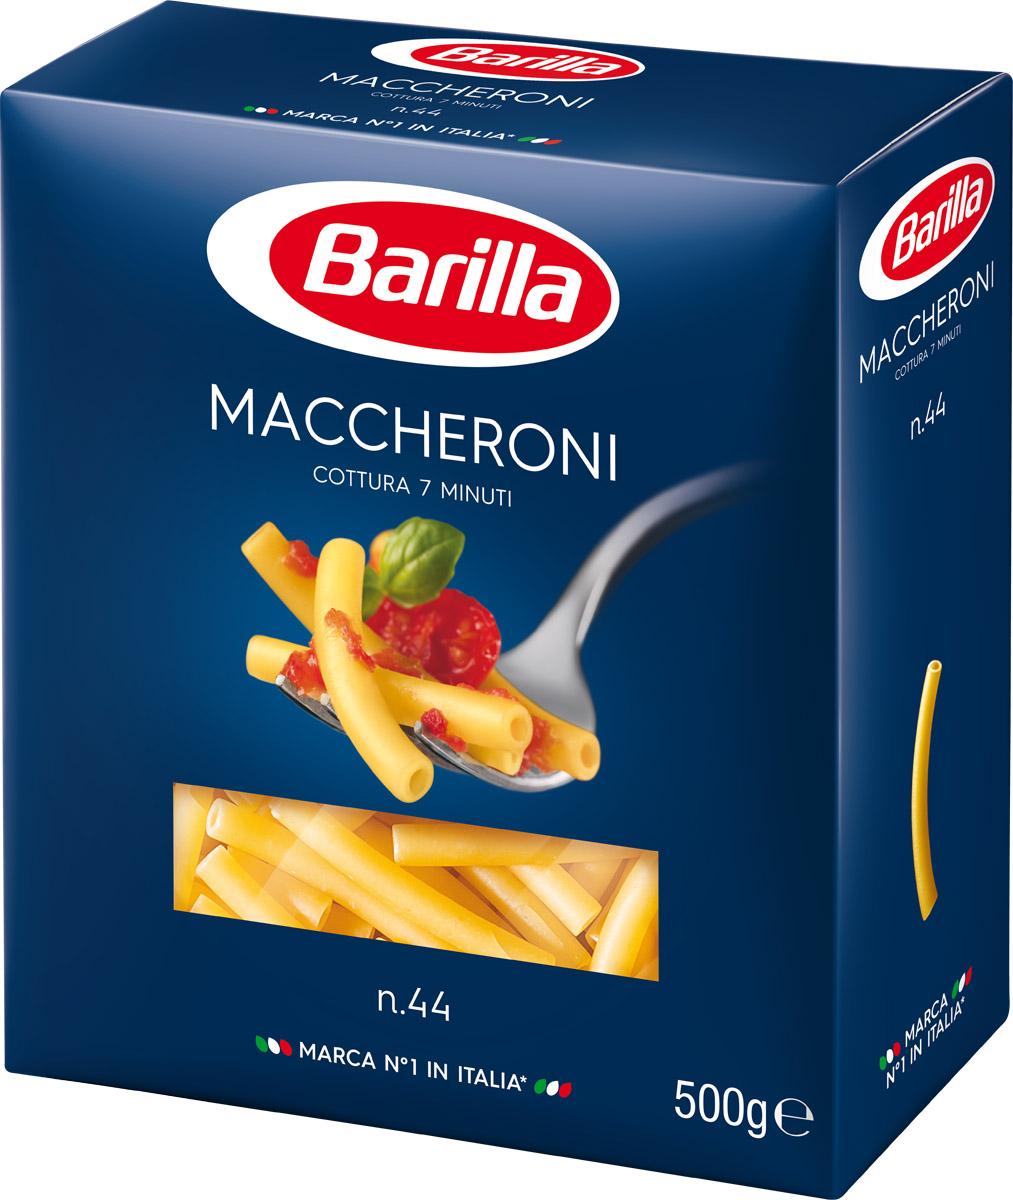 Barilla Maccheroni паста маккерони, 500 г8076808050440По одной из версий, некий римский кардинал, увидев их впервые на своем столе, воскликнул: О, ма карони! (О, как мило!). Маккерони - классика итальянской гастрономии, самый известный формат пасты, давший название этой продуктовой категории во всем мире.Маккерони - один из традиционных видов пасты. Не слишком короткие, не слишком широкие - они идеально подходят для экспериментов на кухне. Благодаря такой форме их можно использовать как с легкими, так и с густыми томатными, овощными и мясными соусами.Идеальный формат пасты для гарнира, прекрасно сочетается с густыми томатными, овощными и мясными соусами. Дети очень любят эту пасту с сыром и беконом. Если вы хотите попробовать блюдо с более выраженным вкусом, то вместо ветчины возьмите копченый бекон, добавьте вяленые помидоры, острый перец и сбрызните оливковым маслом.Уважаемые клиенты! Обращаем ваше внимание на то, что упаковка может иметь несколько видов дизайна. Поставка осуществляется в зависимости от наличия на складе.